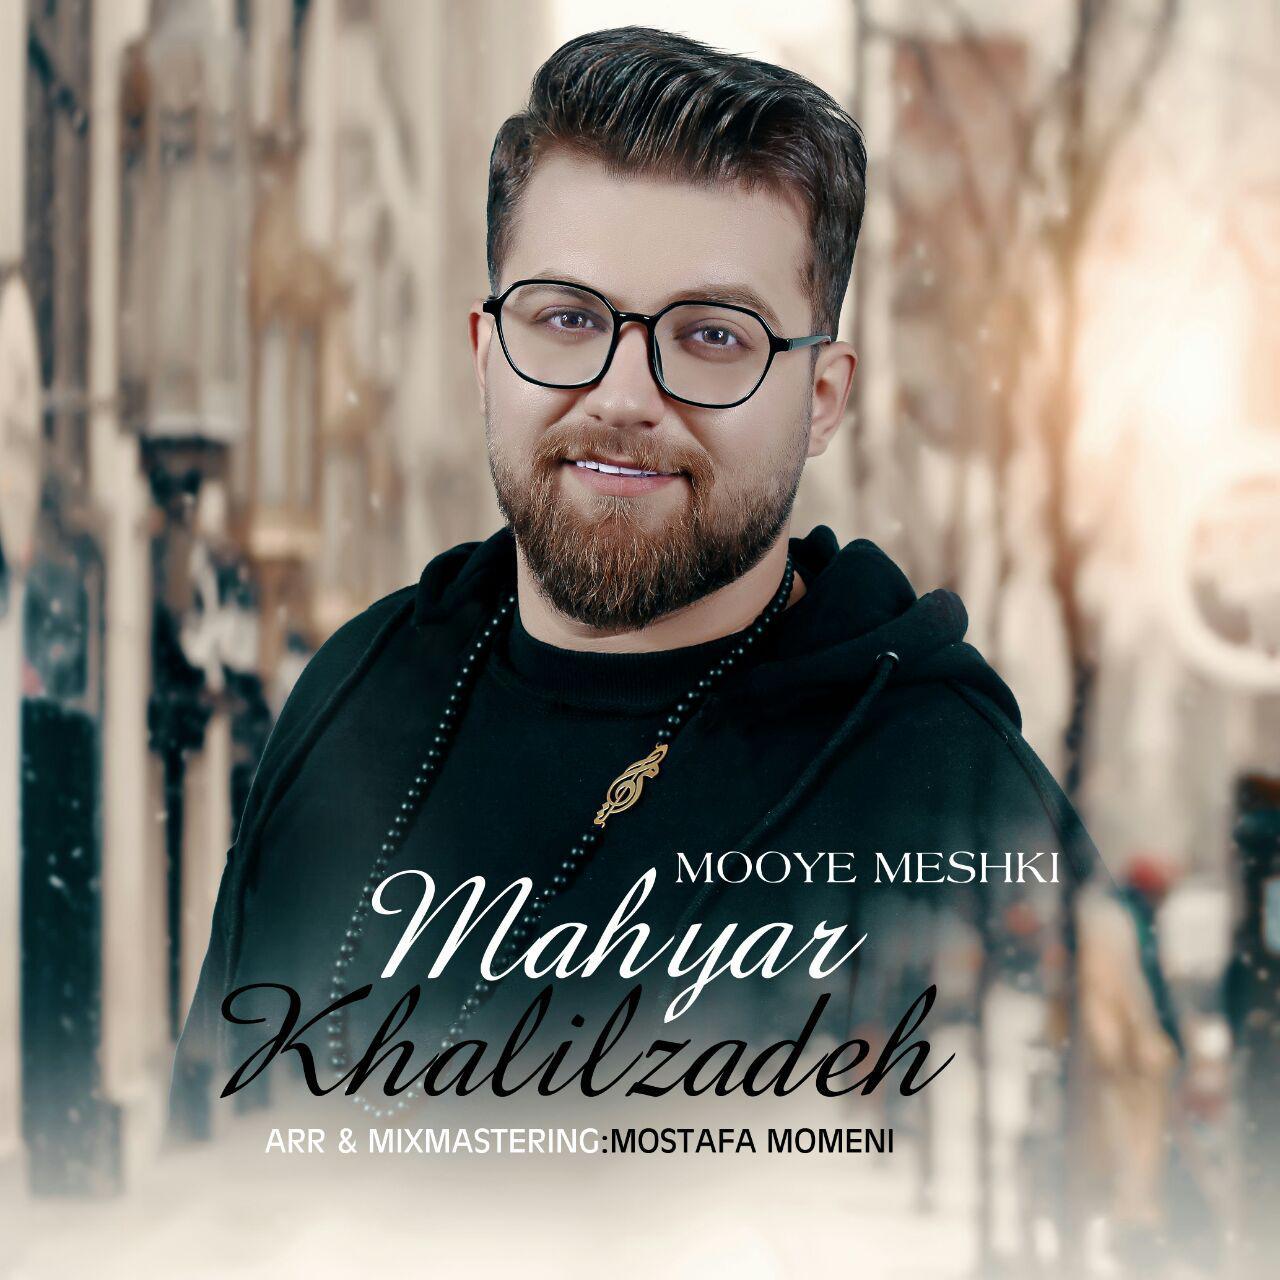 Mahyar Khalil Zadeh – Mooye Meshki